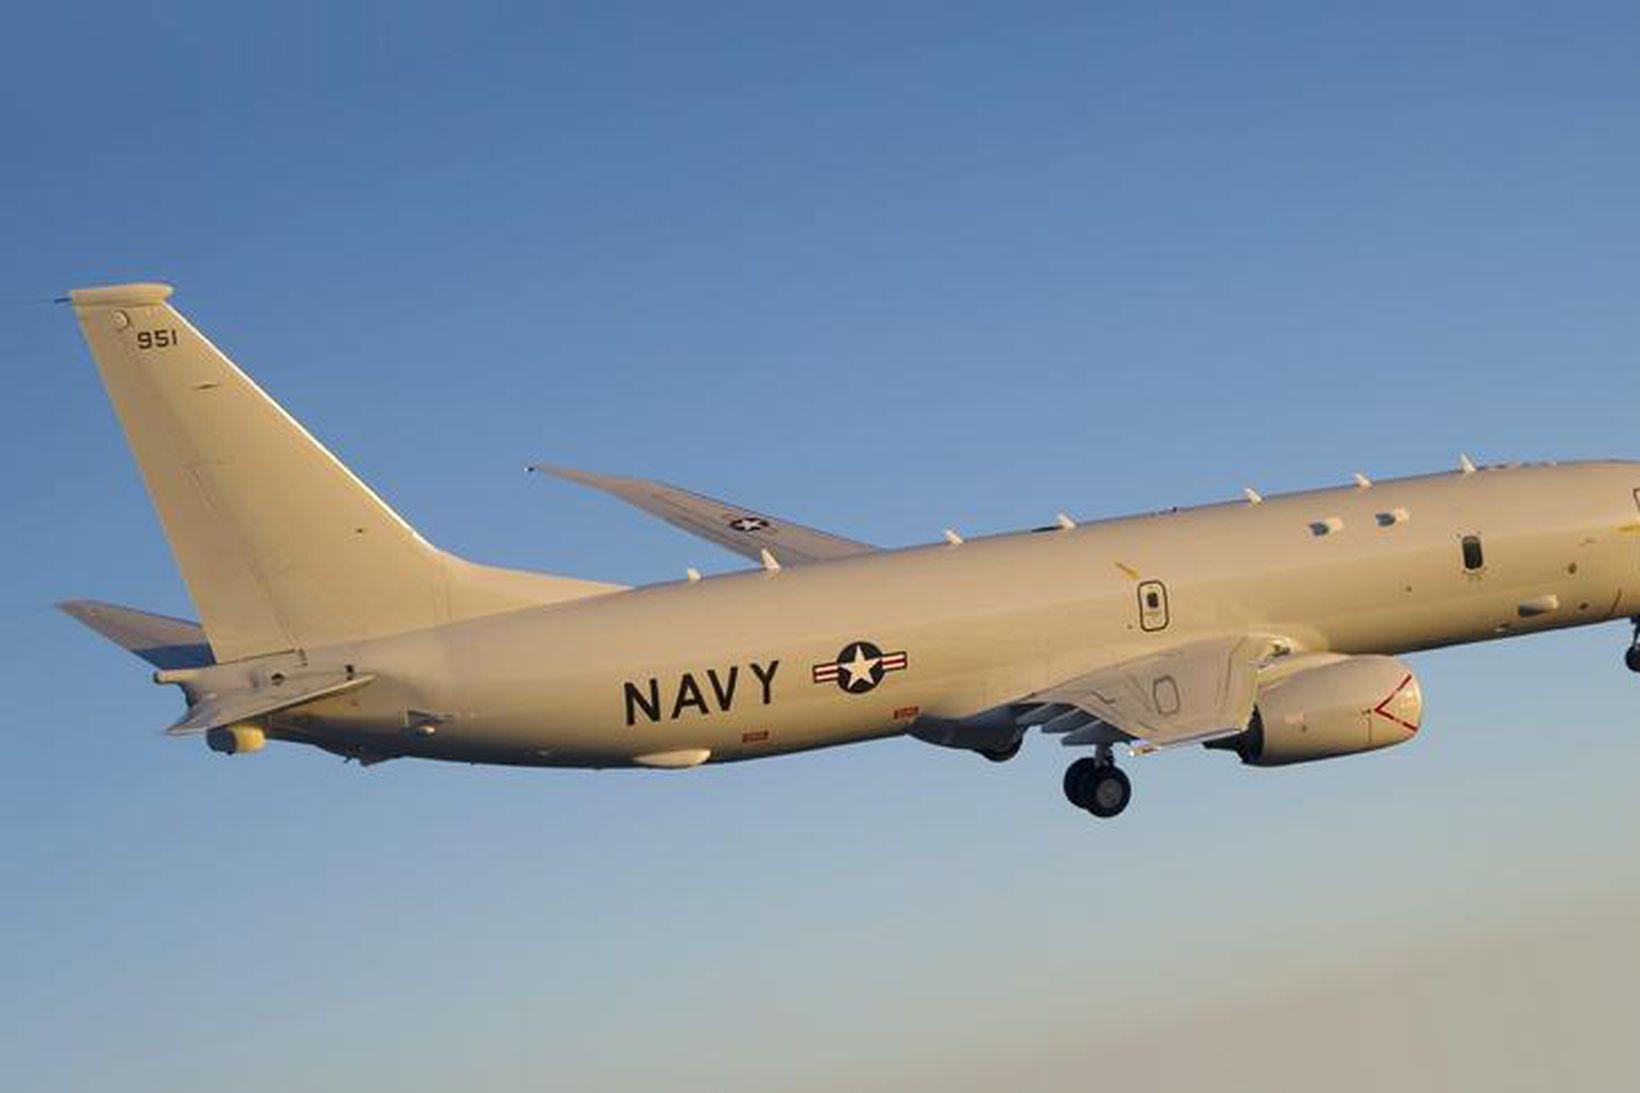 Bandarísk P-8 Poseidon eftirlitsflugvél.